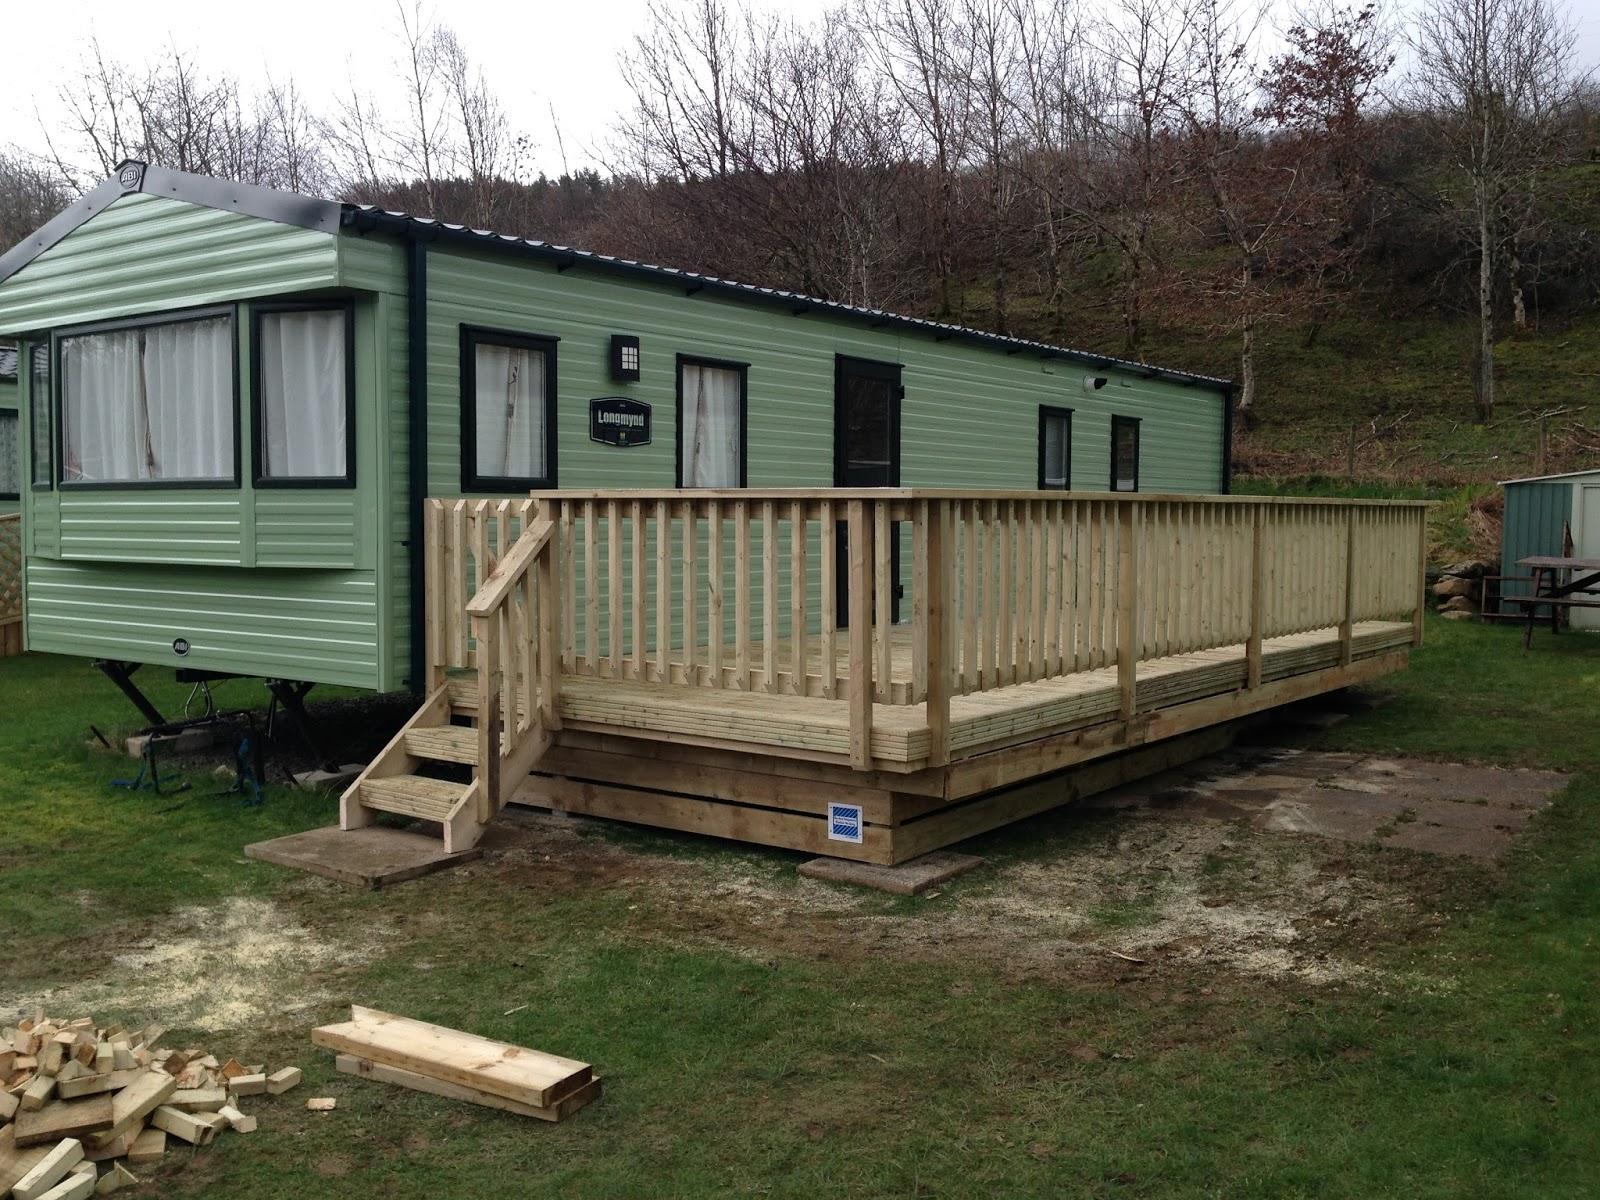 Garden carpentry timber decking design and build 2017 04 09 for Garden decking near me